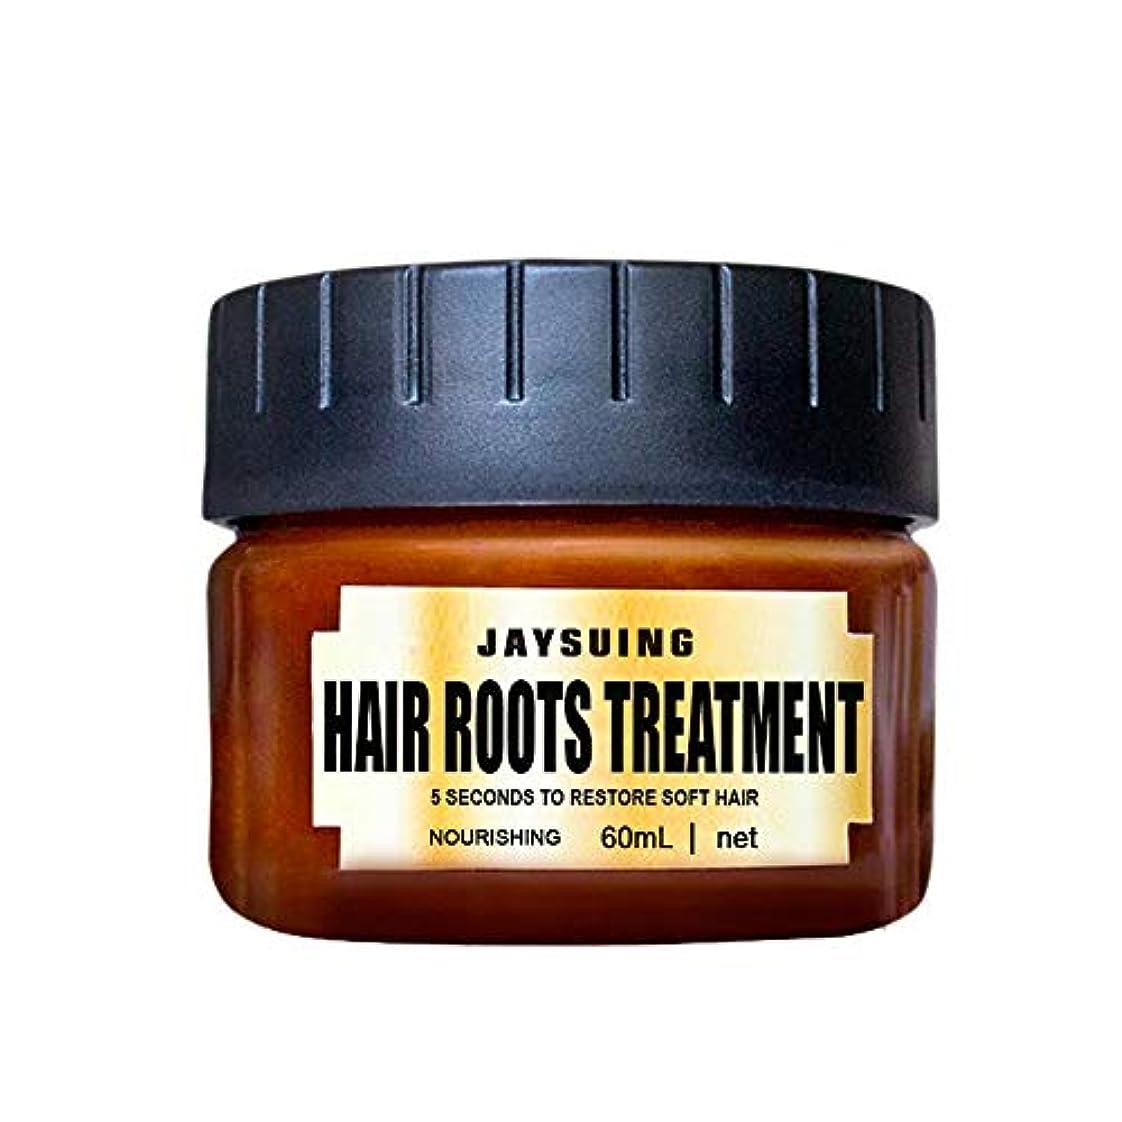 幾分スーツブリッジDOUJI天然植物成分 ヘアケア リッチリペア コンディショナー60mlダメージのある髪へ 髪の排毒ヘアマスク高度な分子毛根治療回復 髪の栄養素を補給トリートメント